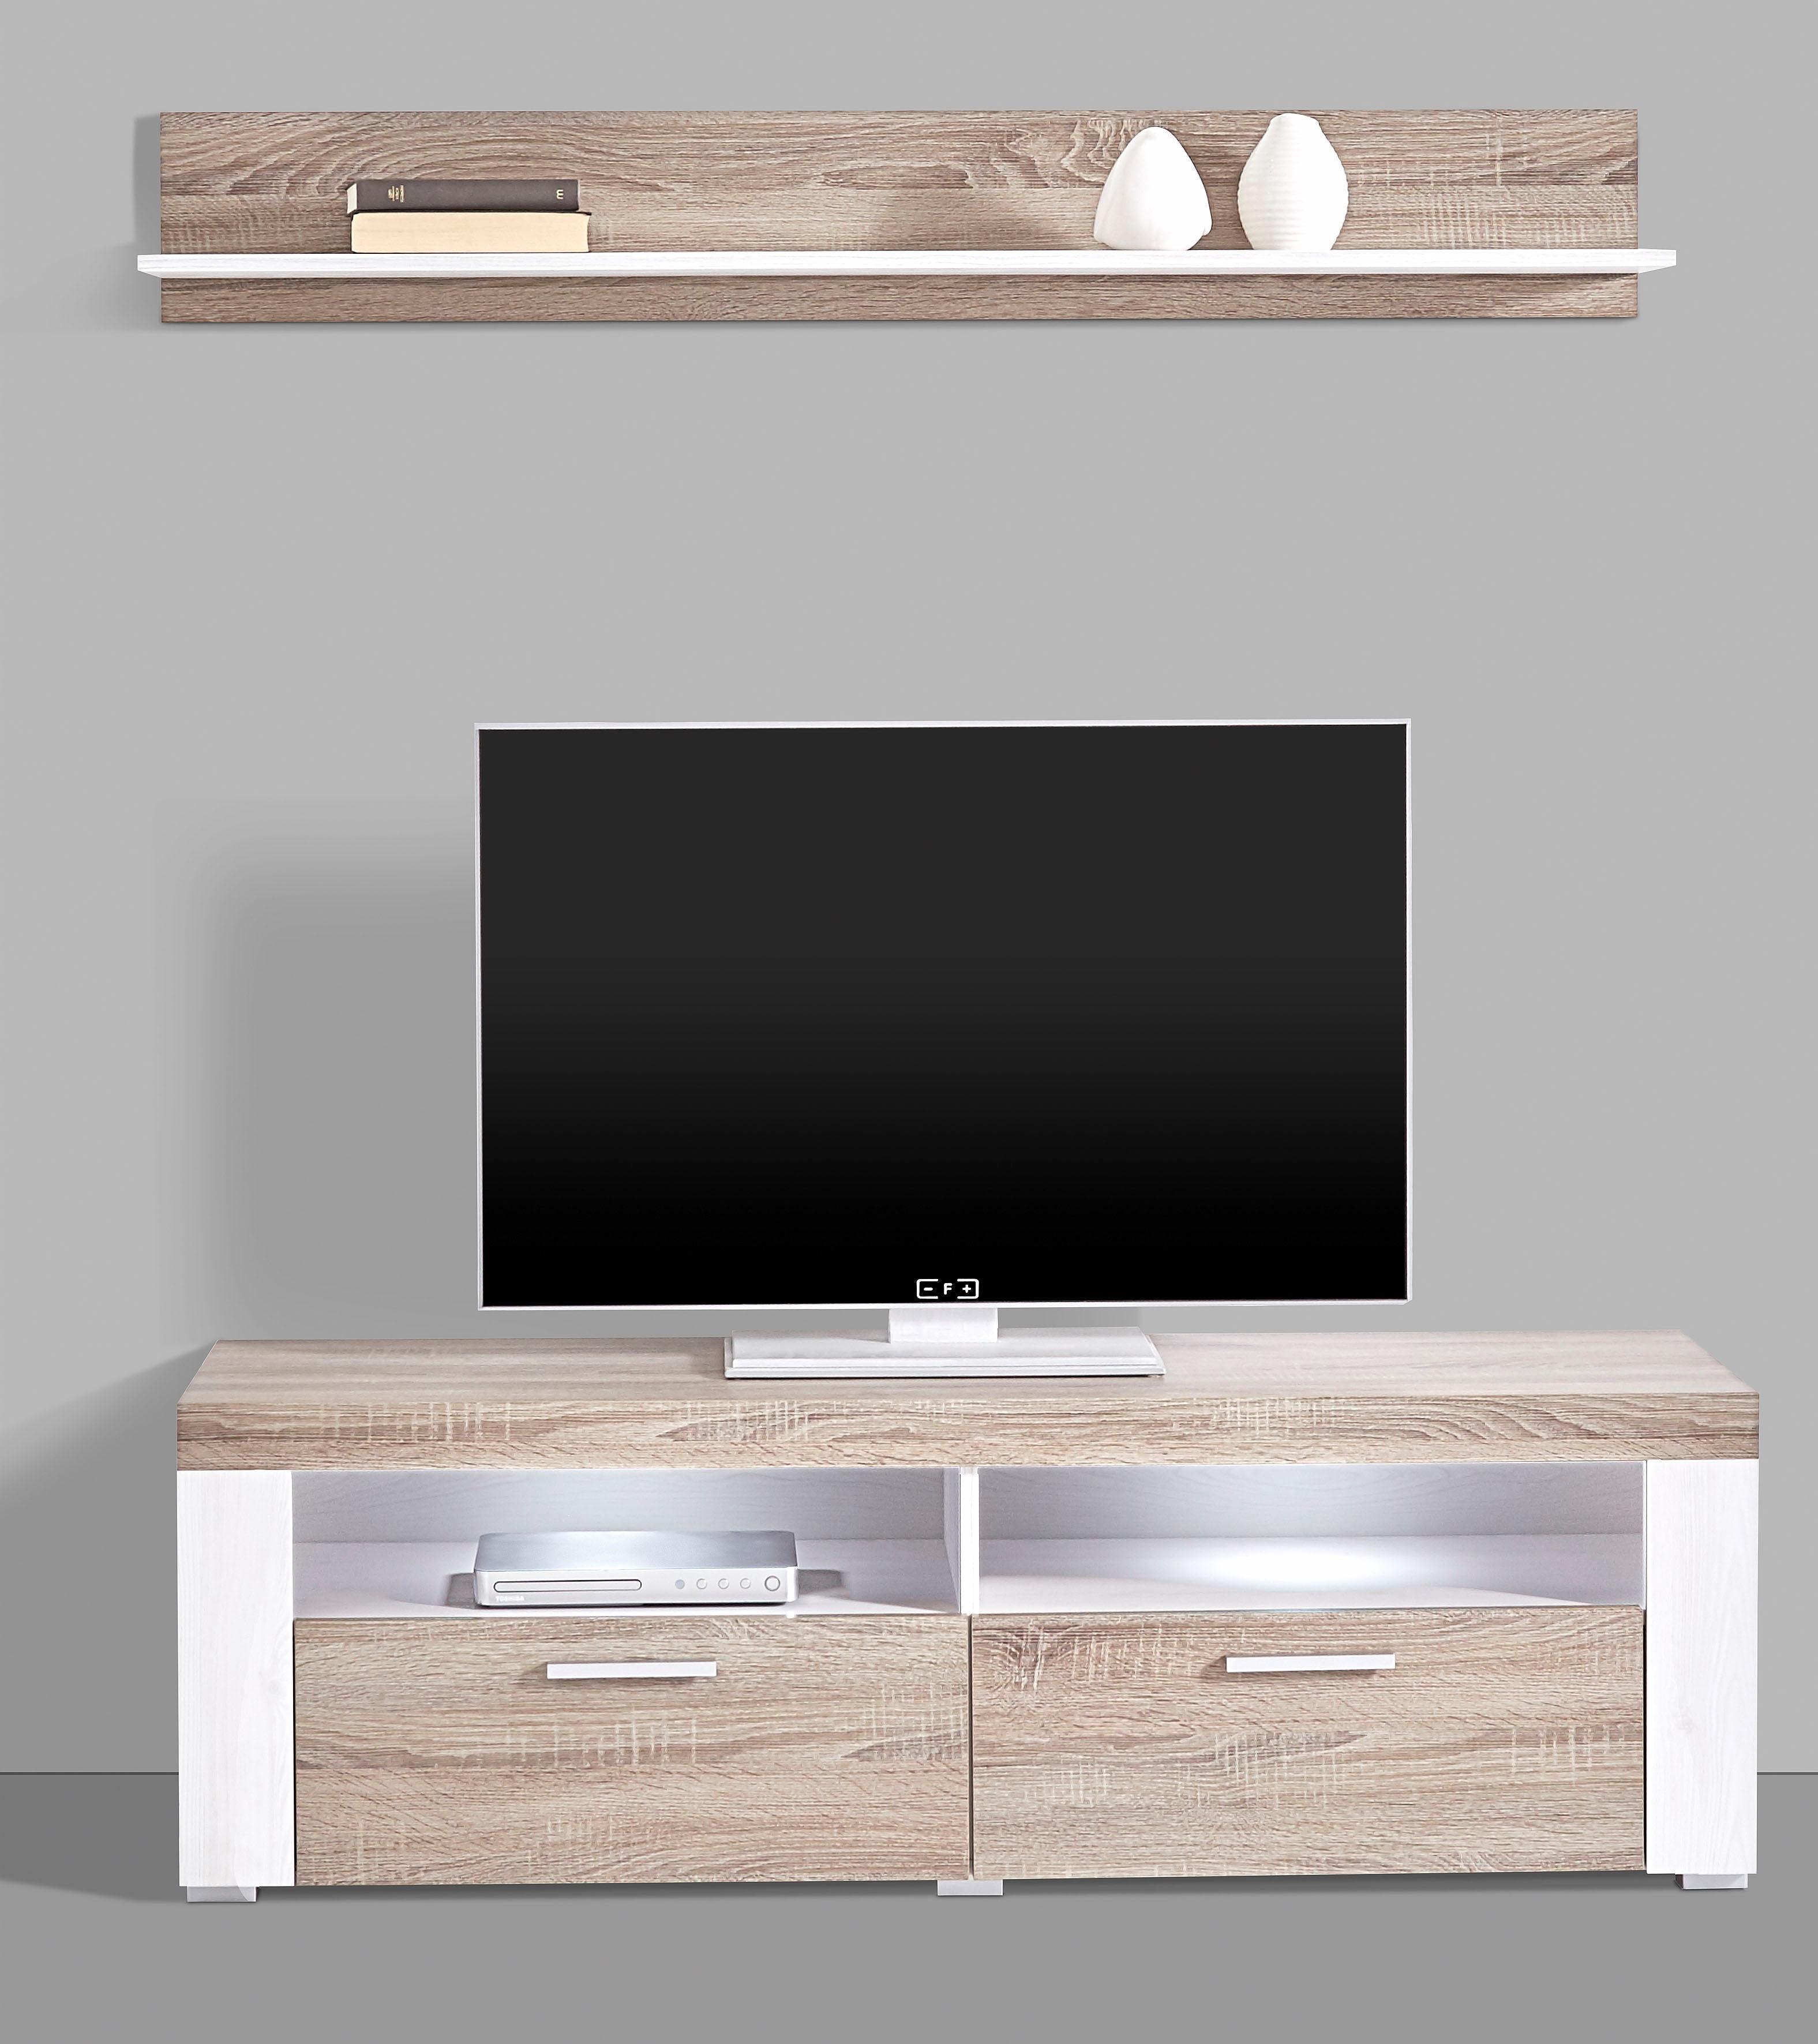 lowboard breedte 140 cm met wandplank online shop otto. Black Bedroom Furniture Sets. Home Design Ideas